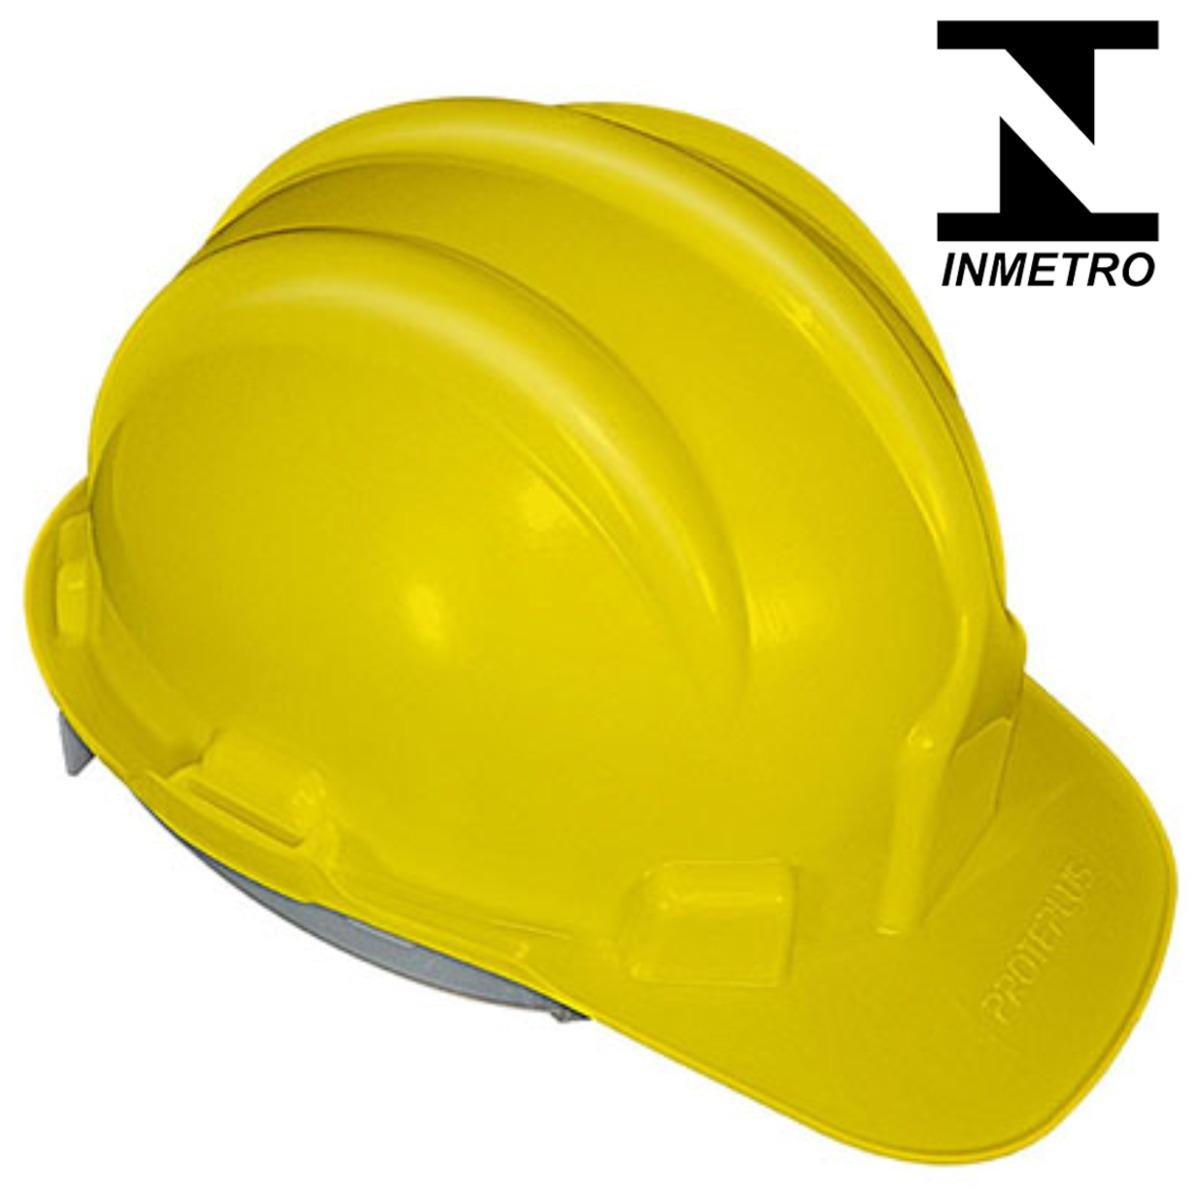 0a6e5a5937f5f capacete segurança epi c  carneira selo inmetro c  ca + nota. Carregando  zoom.